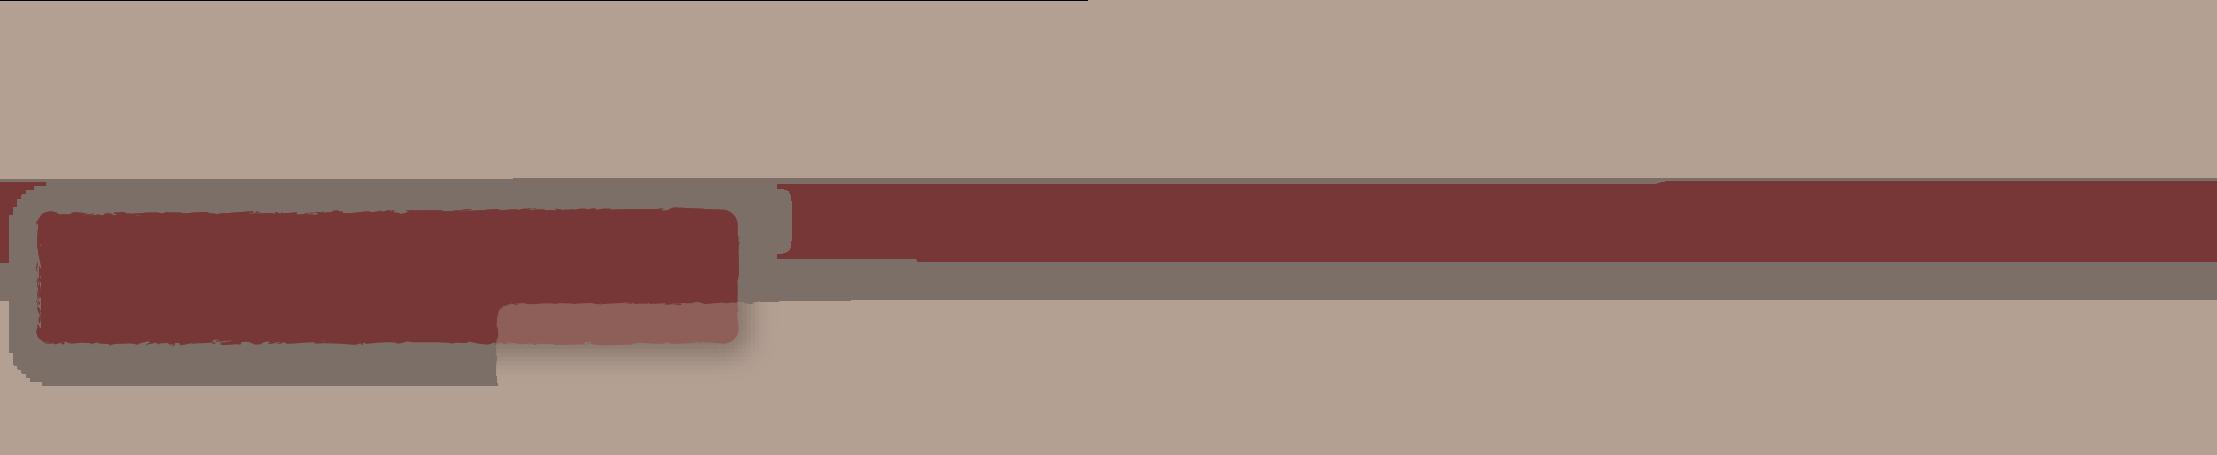 Eminent Domaine's Company logo